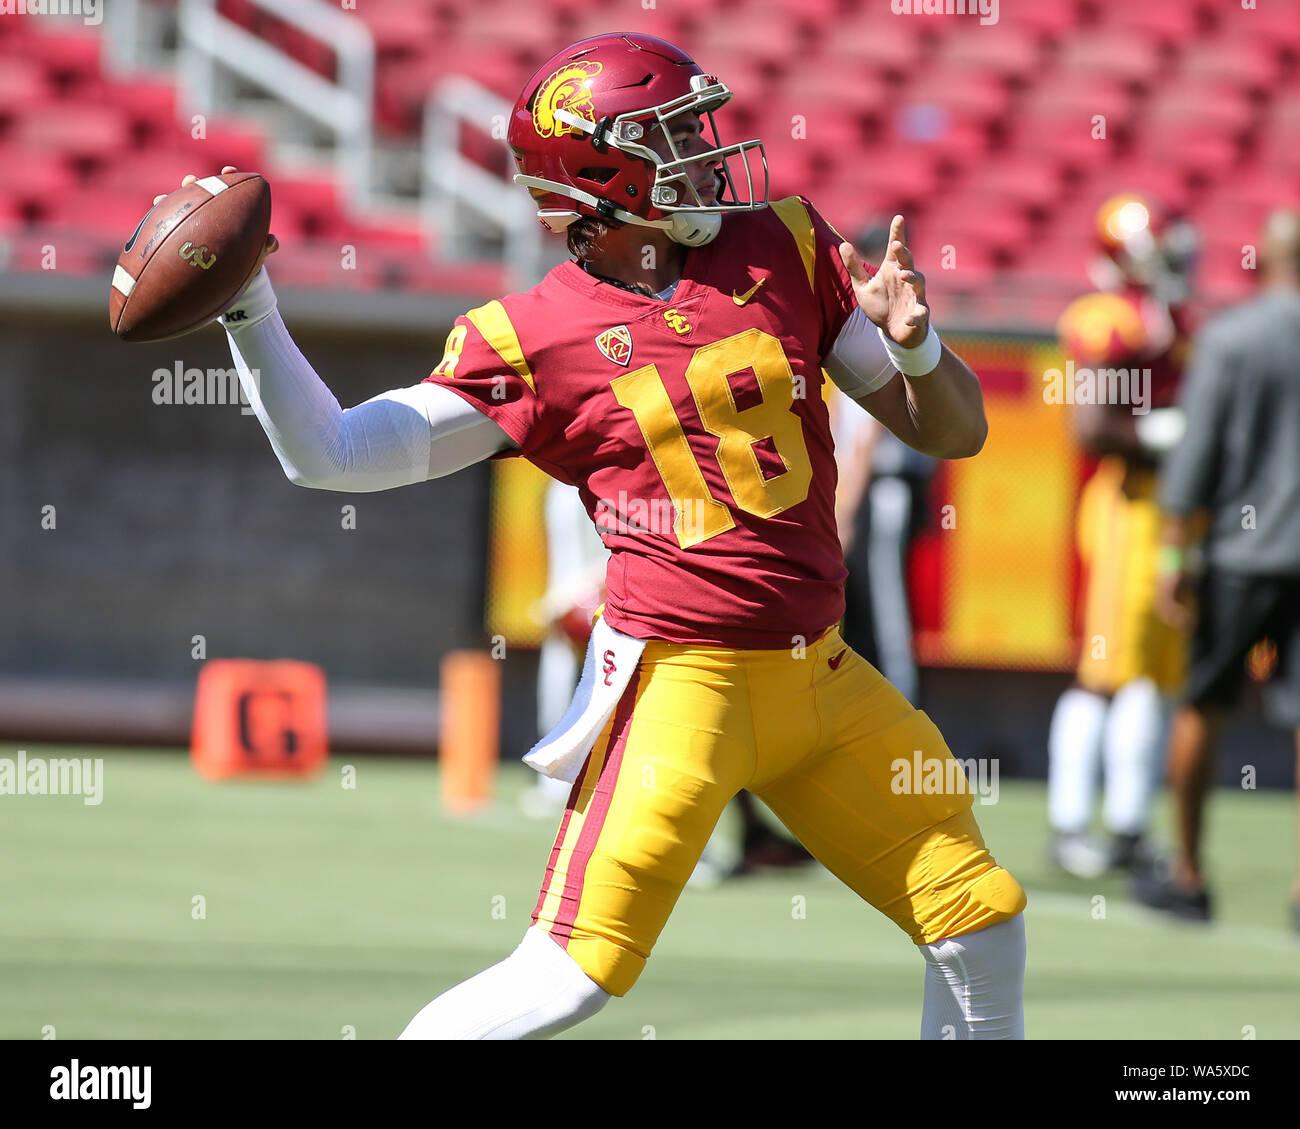 USC Trojans quarterback JT Daniels (18) erwärmt sich während der USC Trojans Pac-12 Fußball showcase Spiel bei United Airlines Feld im Los Angeles Memorial Coliseum am Samstag, August 17, 2019 (Foto von Jevone Moore) Stockfoto